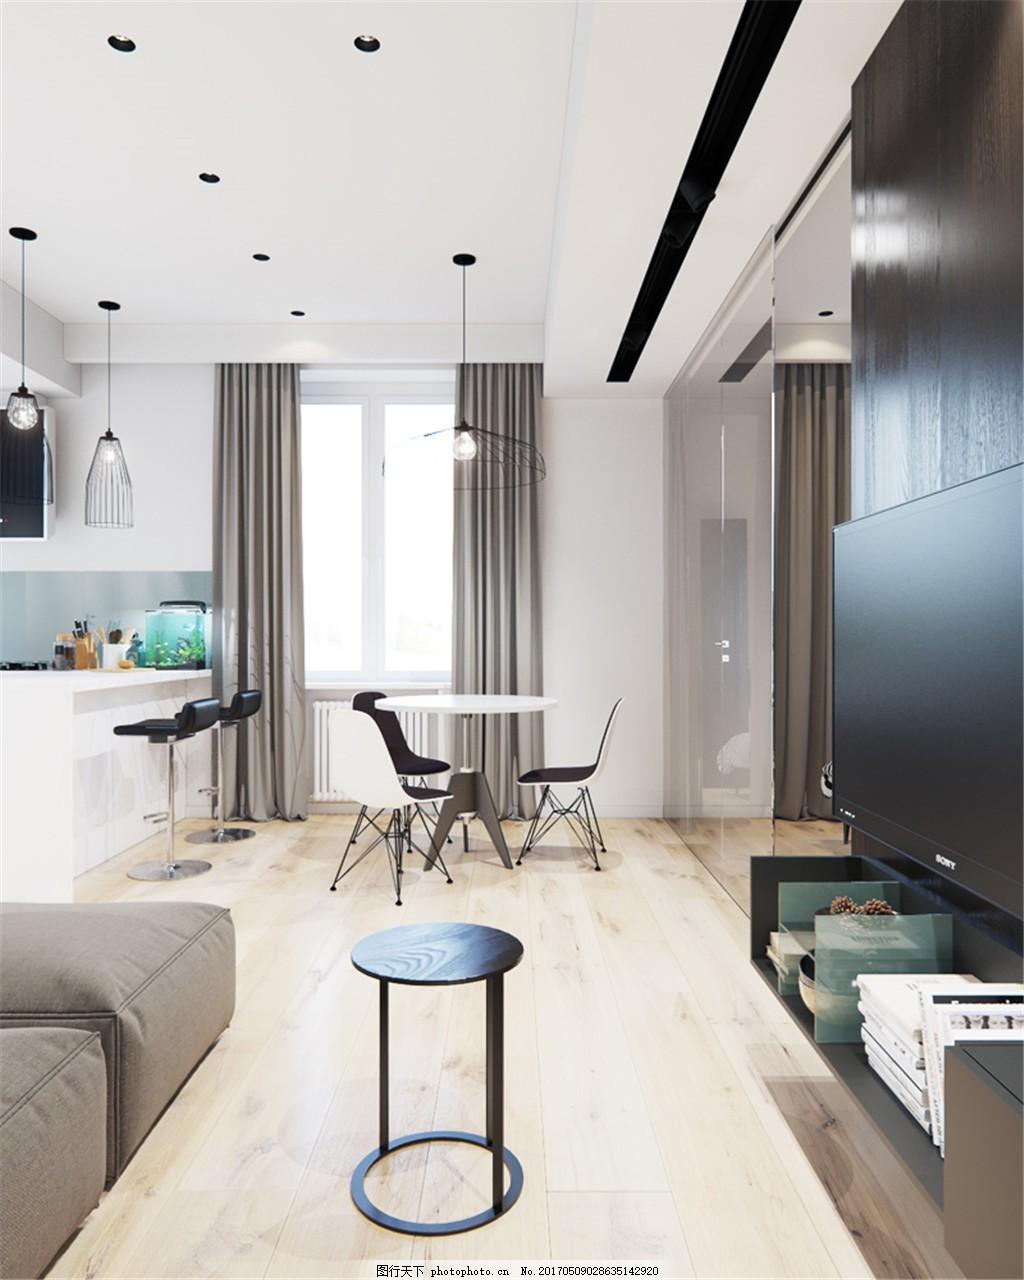 现代单身公寓简装效果图 室内设计 家装效果图 现代装修效果图 时尚